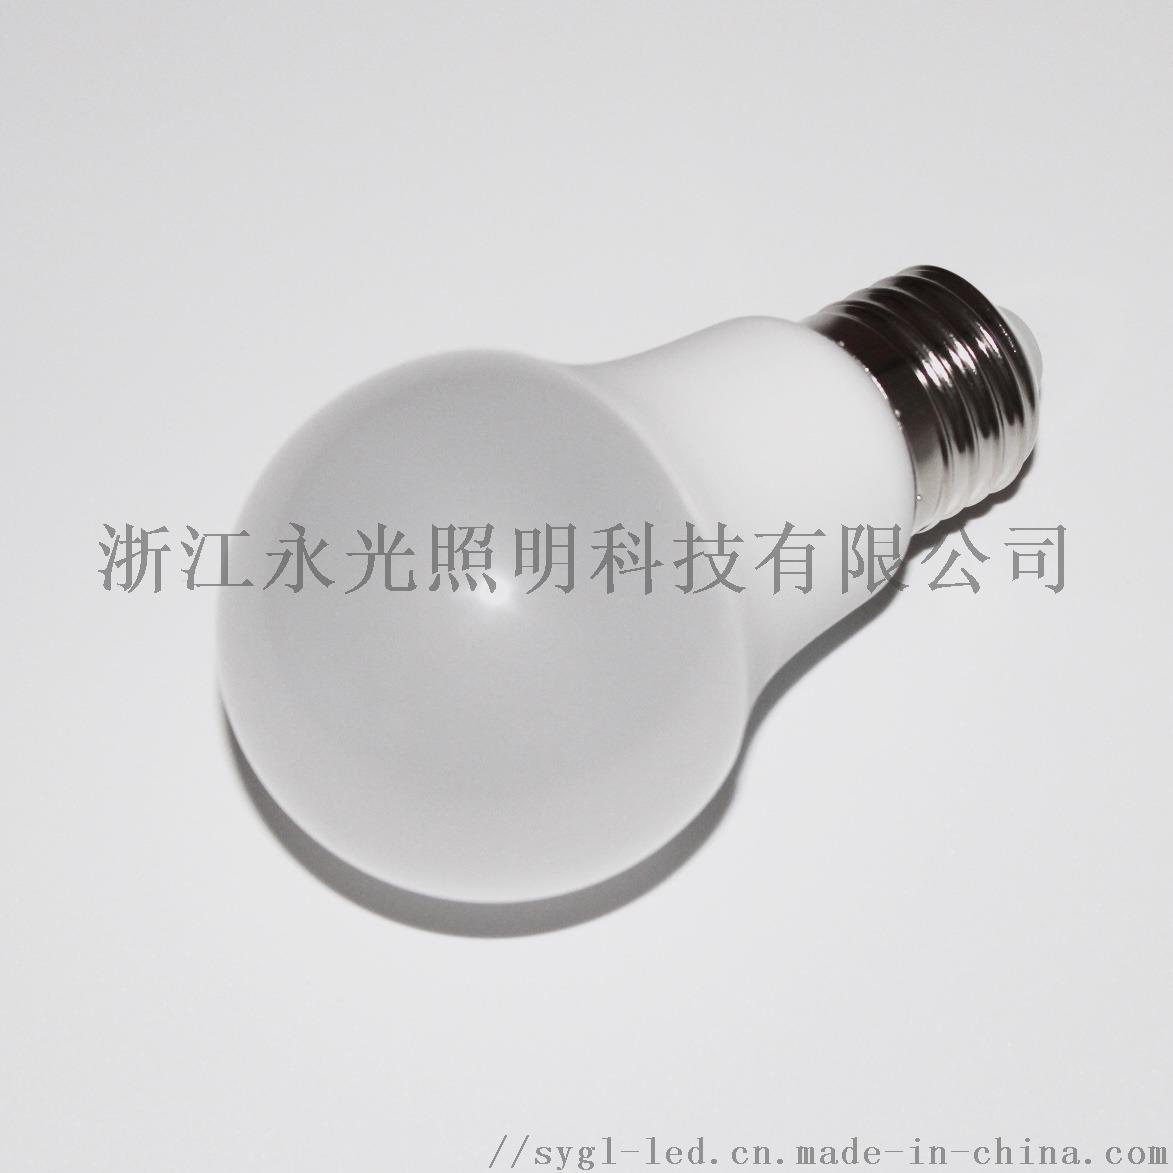 阿里巴巴材料IMG_1107(20201021-033223).JPG